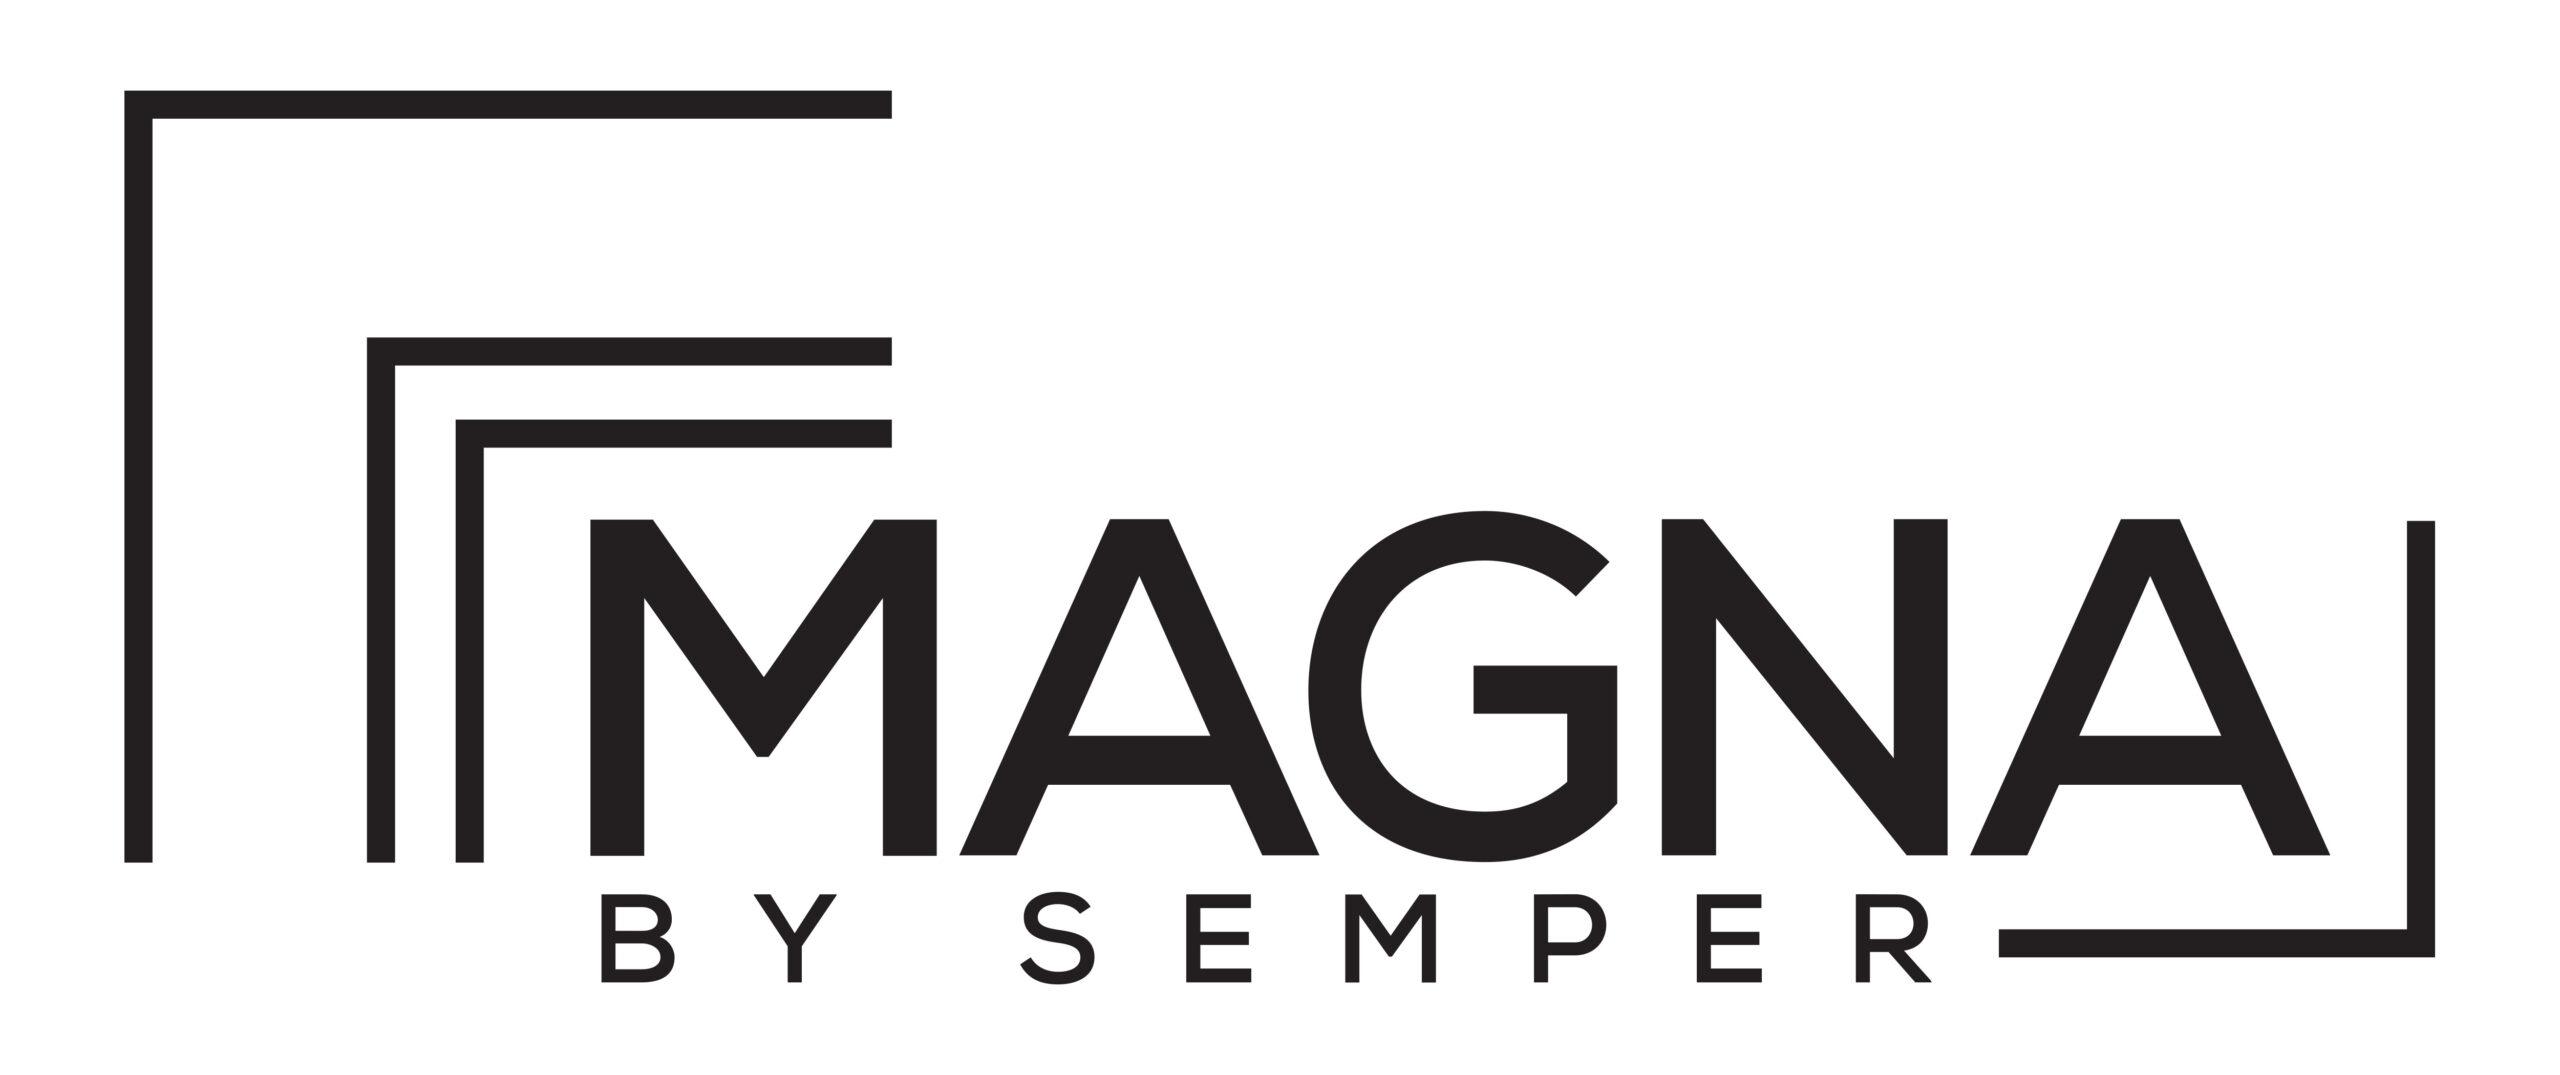 semper magna matboard in black